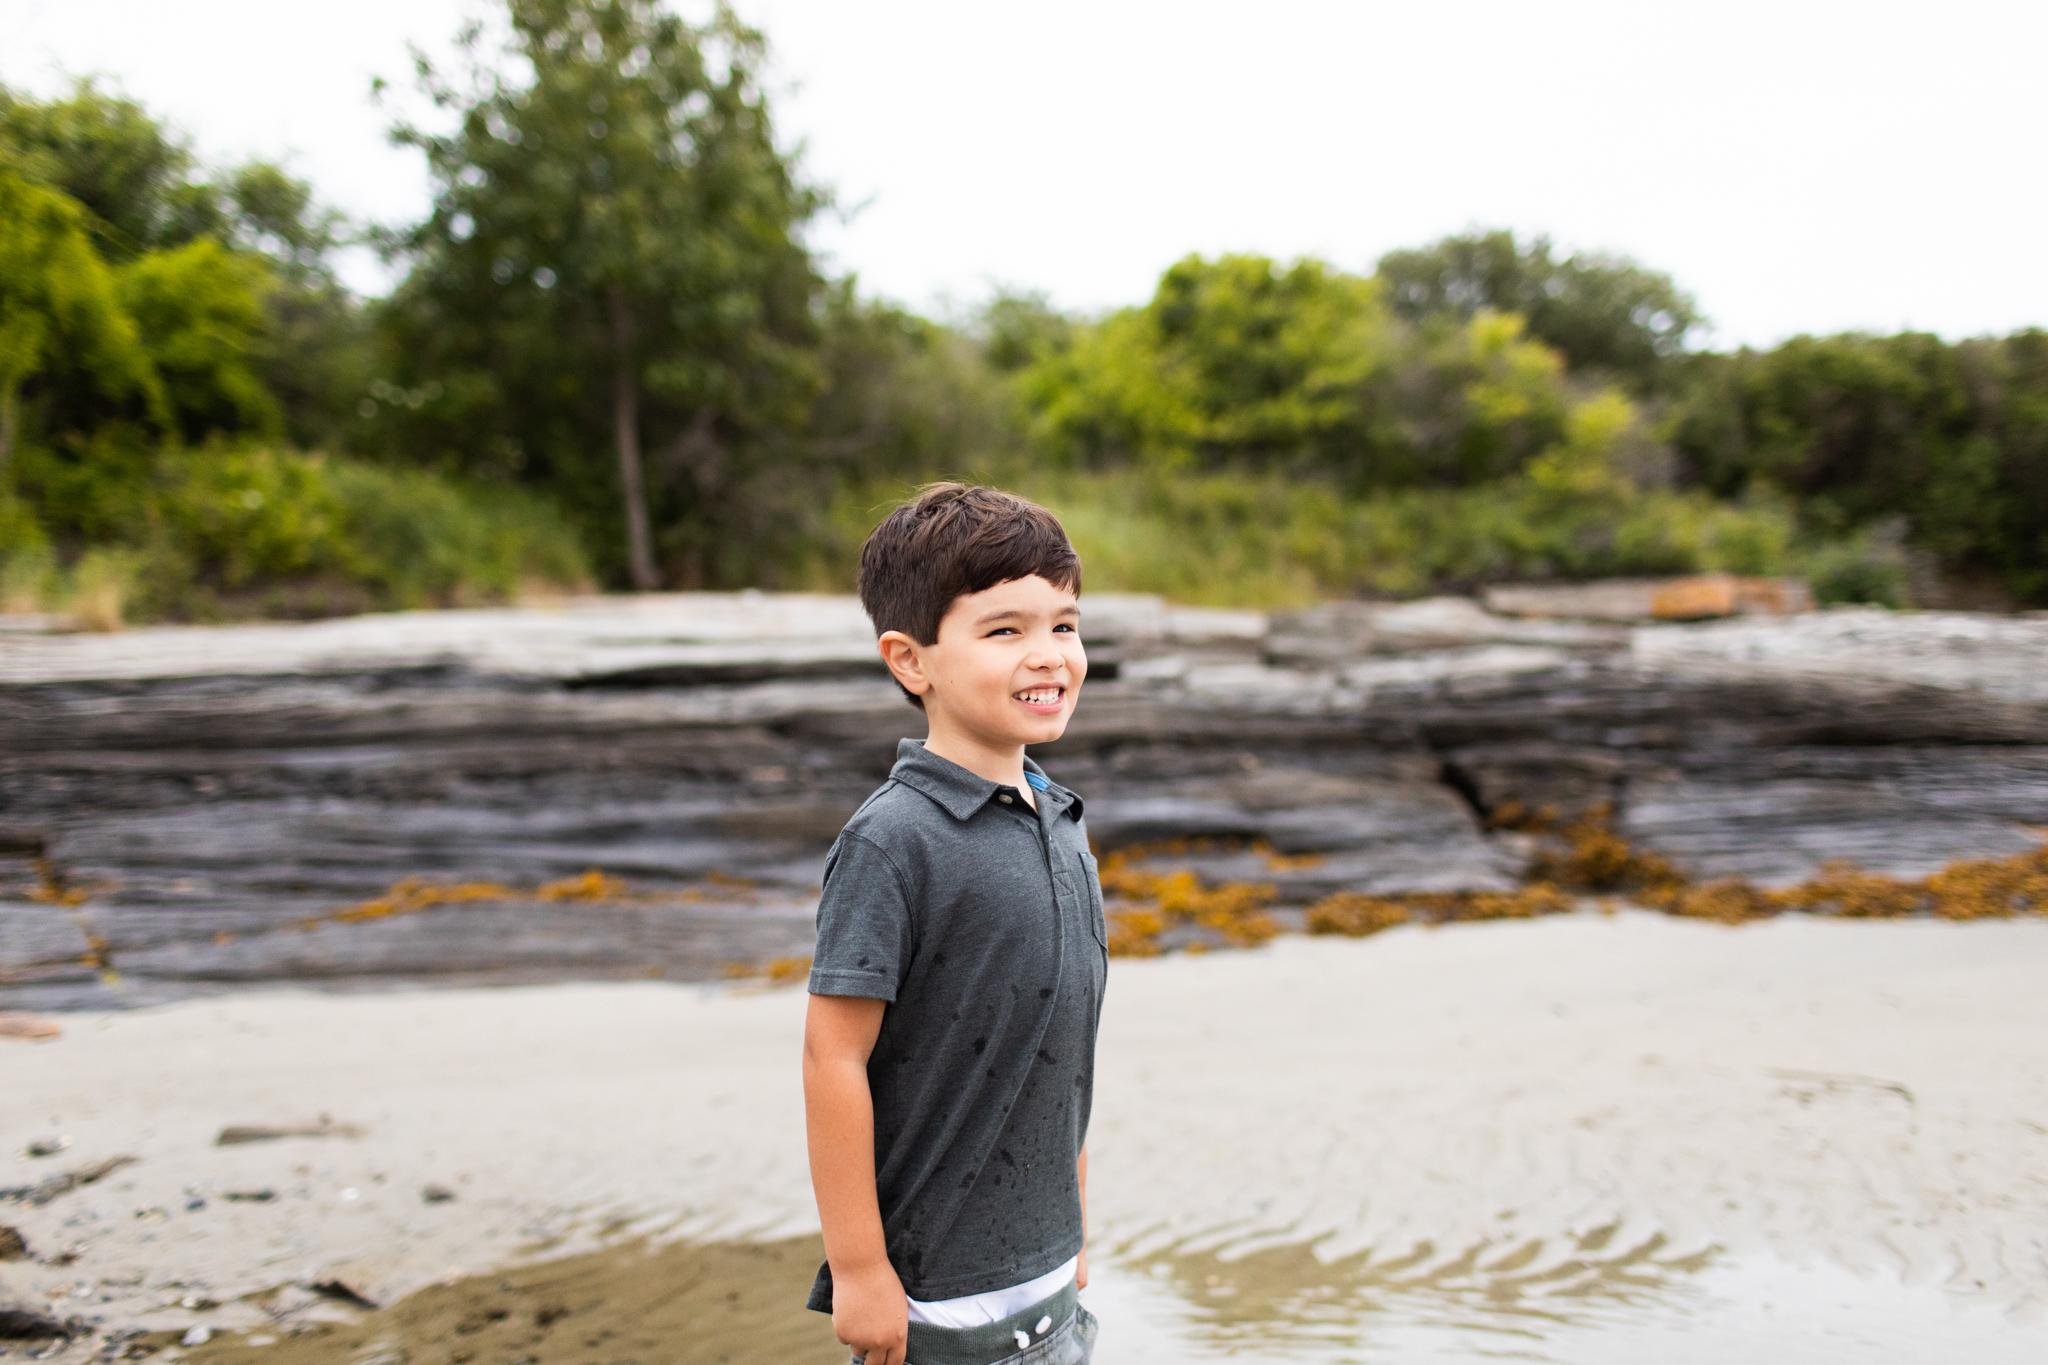 maine-family-photographer-beach-lifestyle -84.jpg